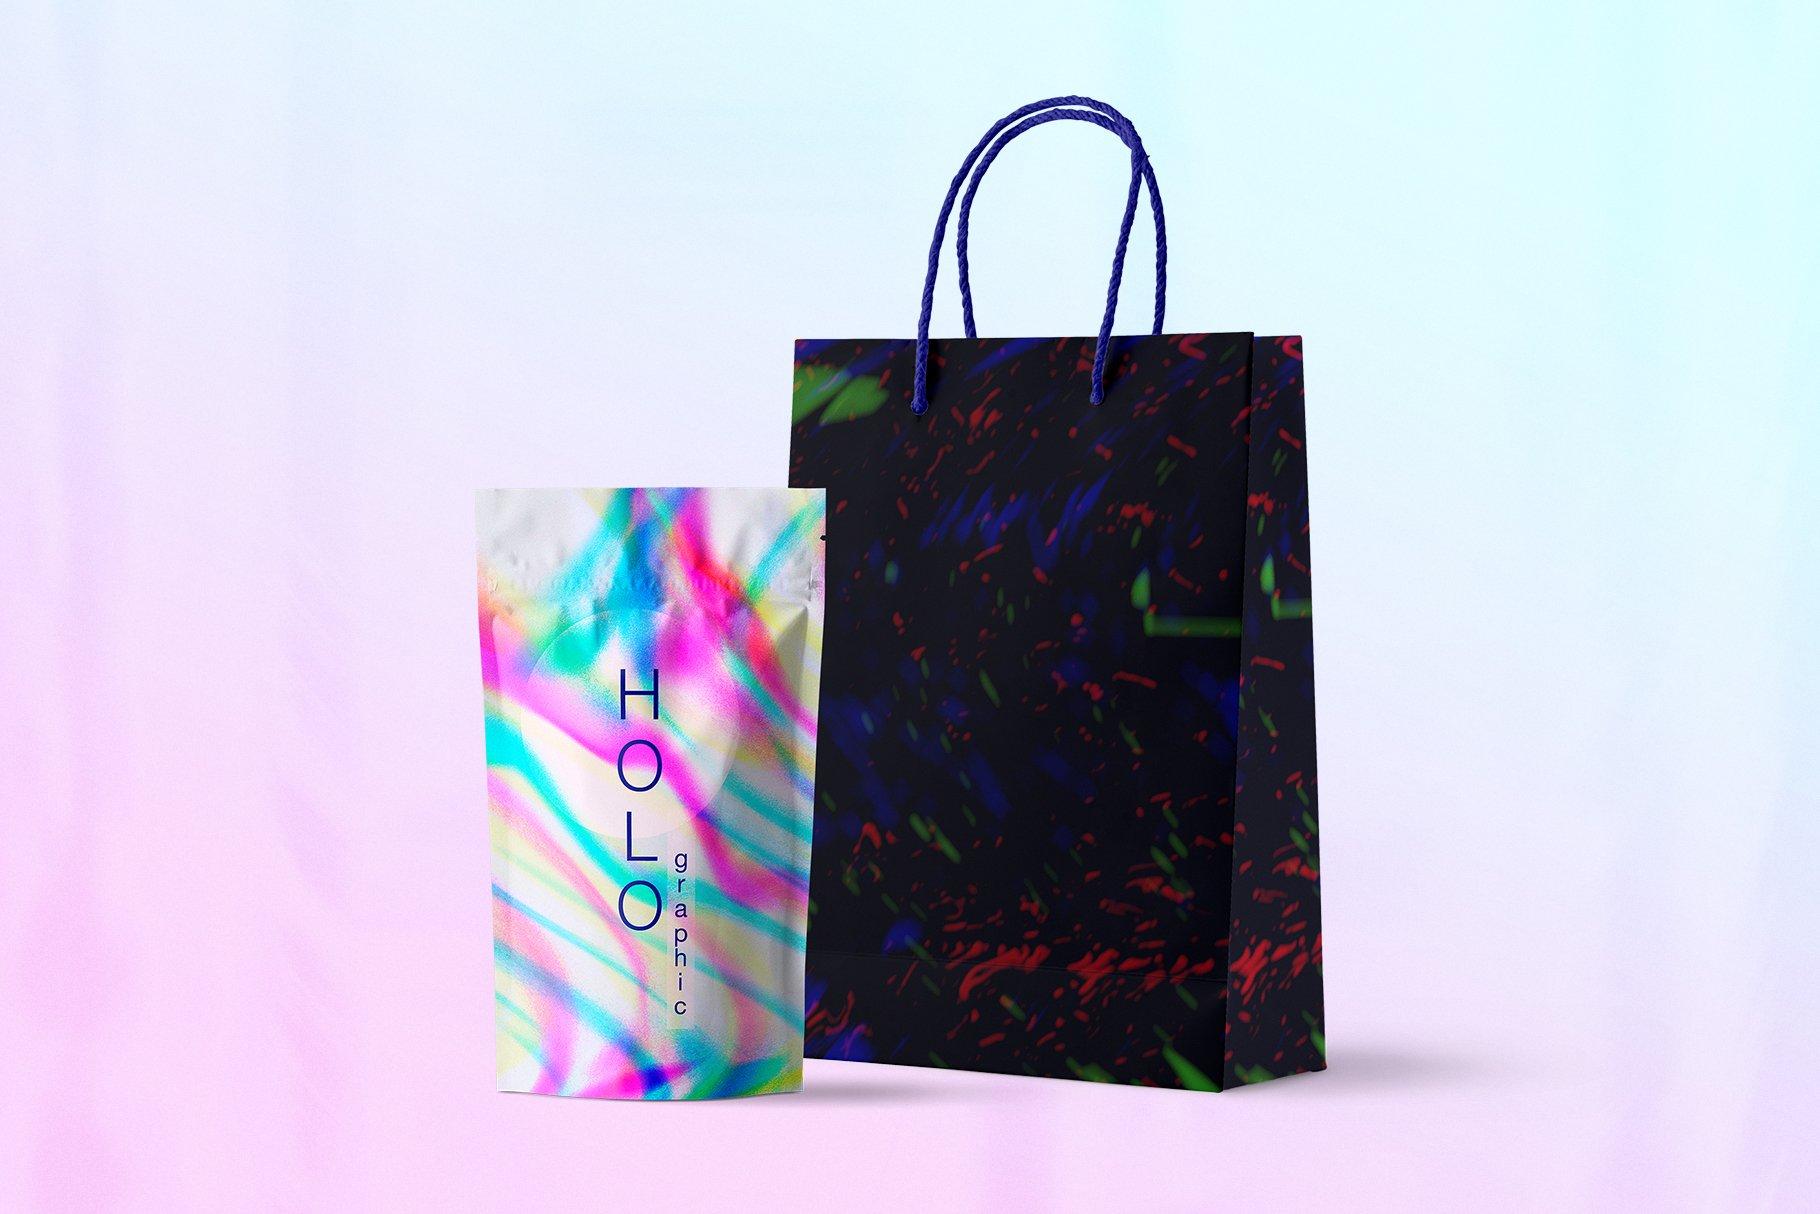 [单独购买] 90款潮流抽象炫彩故障扭曲噪点颗粒纹理海报设计背景图片素材 Experimental Abstract Textures插图9